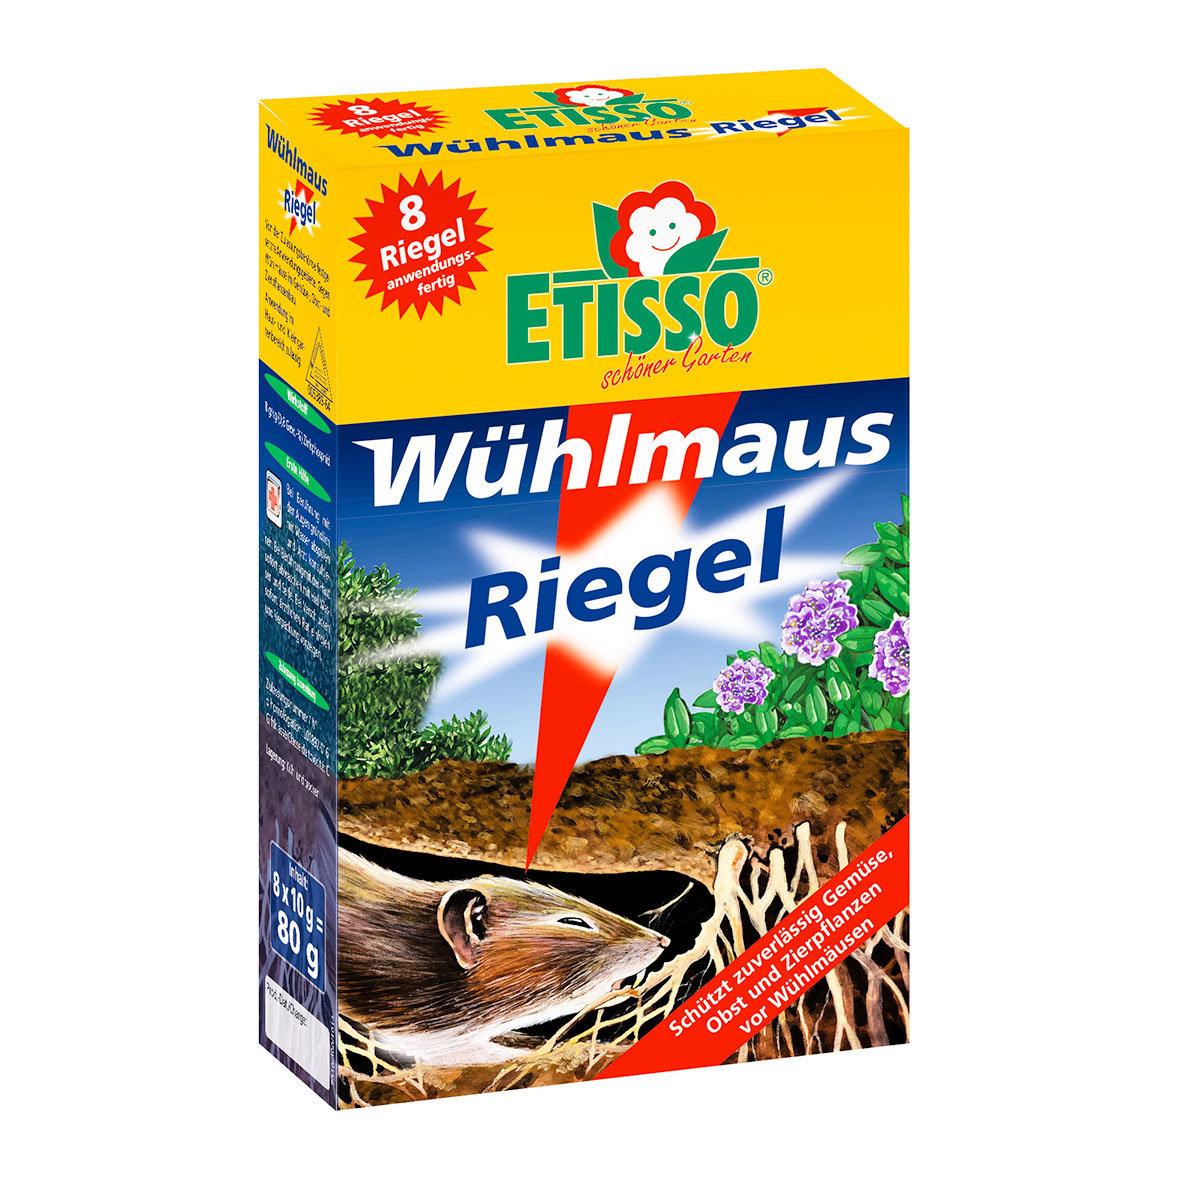 Etisso® Wühlmaus-Riegel, 8 x 10 g (8 Riegel)